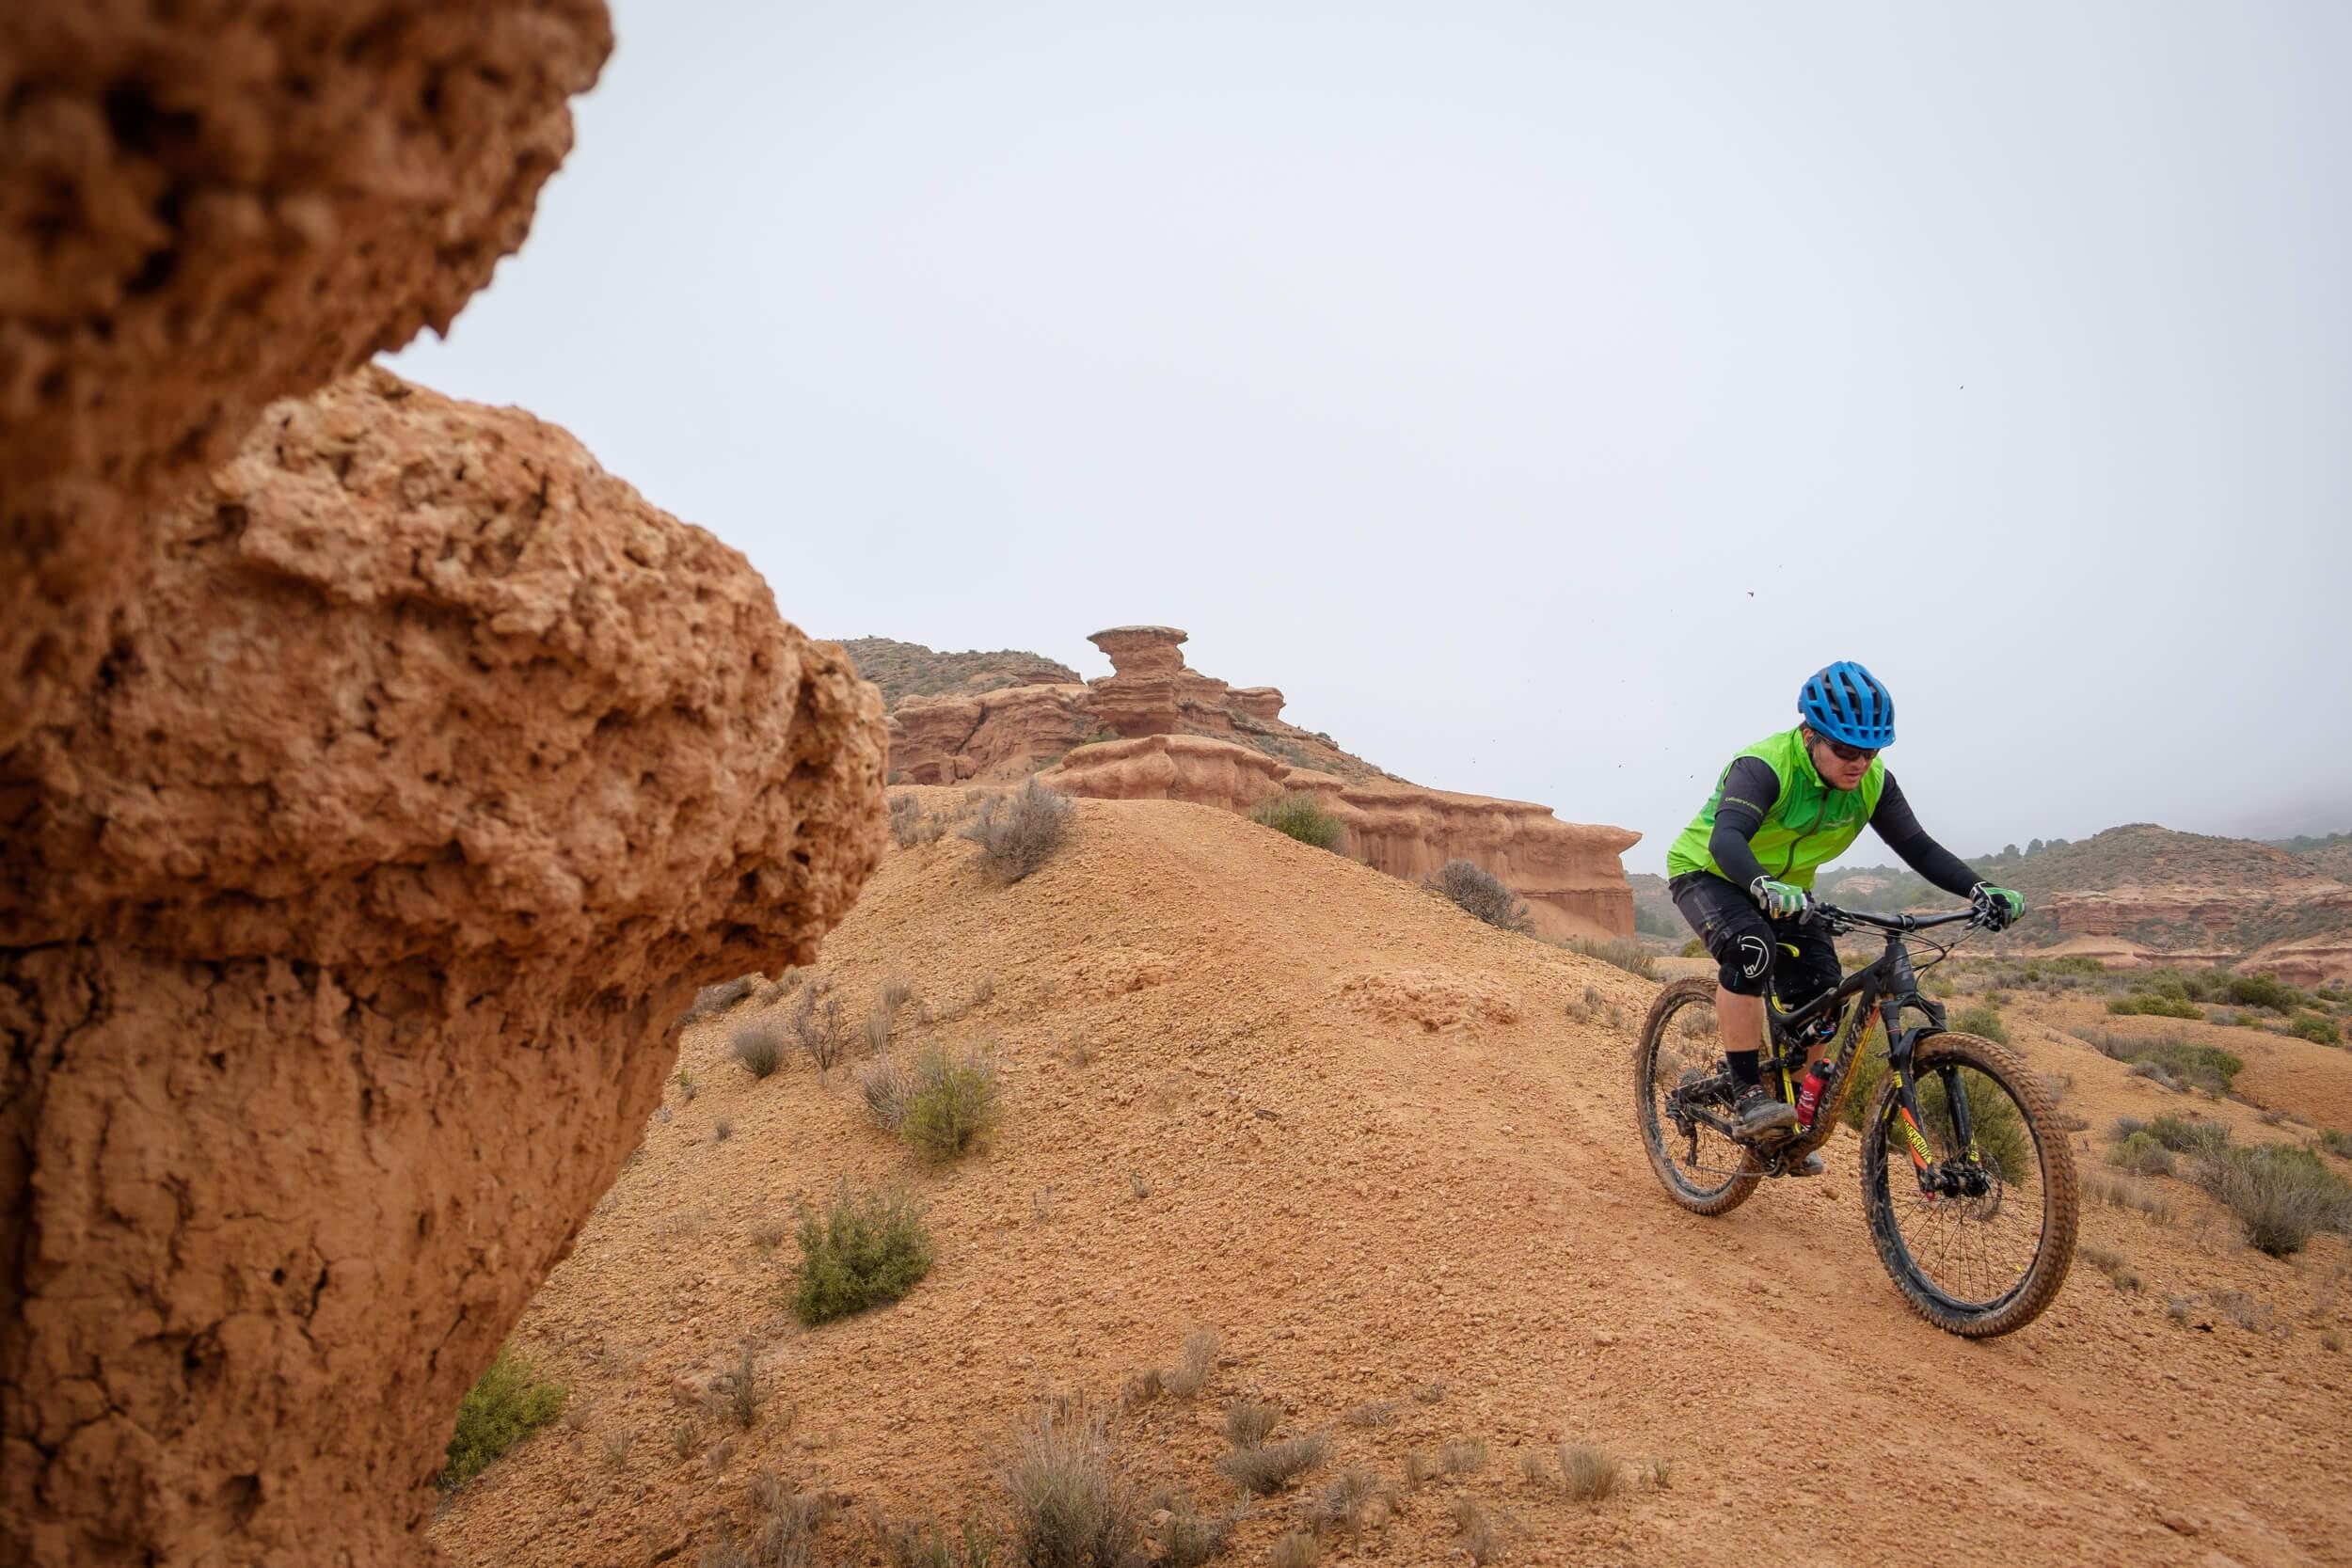 Mountain_biking_spanish_utah07